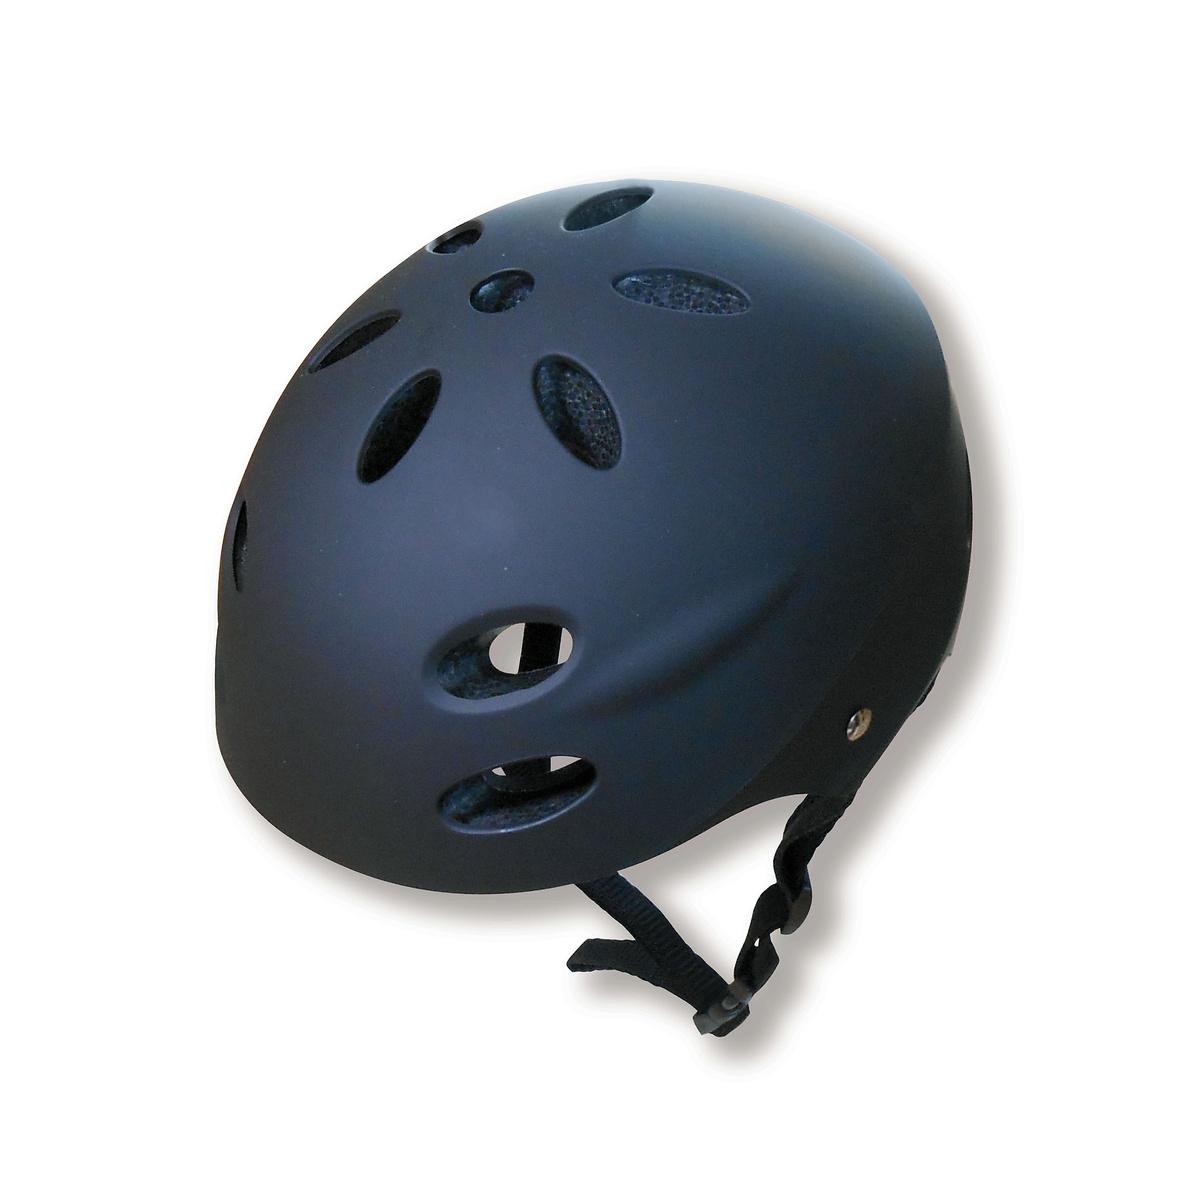 ホイール エクストリーム スケート ホイールアクセサリー ジュニアヘルメット ジュニア ブラック 17898